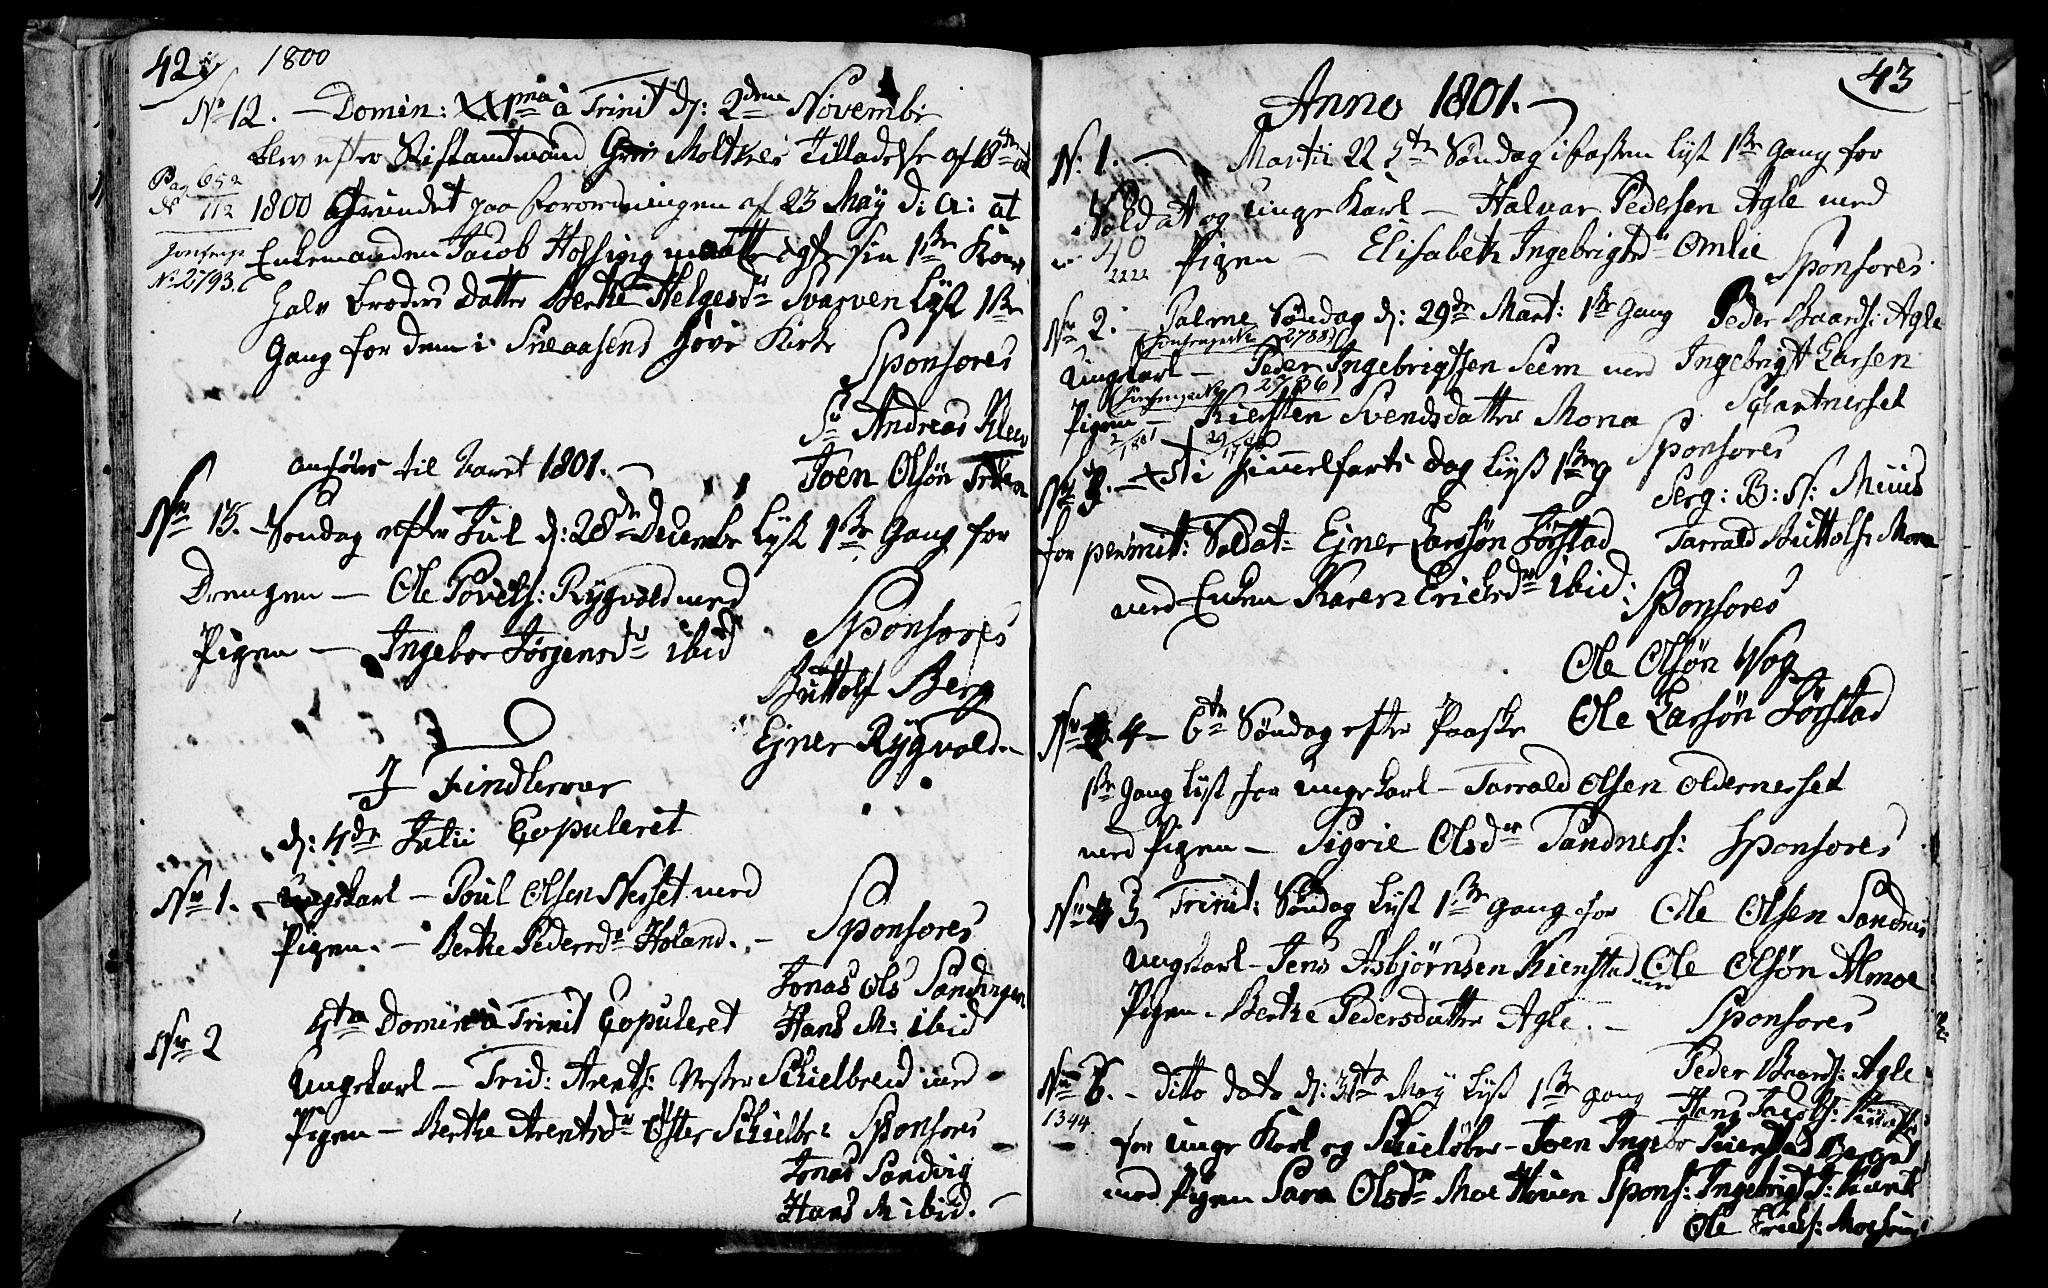 SAT, Ministerialprotokoller, klokkerbøker og fødselsregistre - Nord-Trøndelag, 749/L0468: Ministerialbok nr. 749A02, 1787-1817, s. 42-43